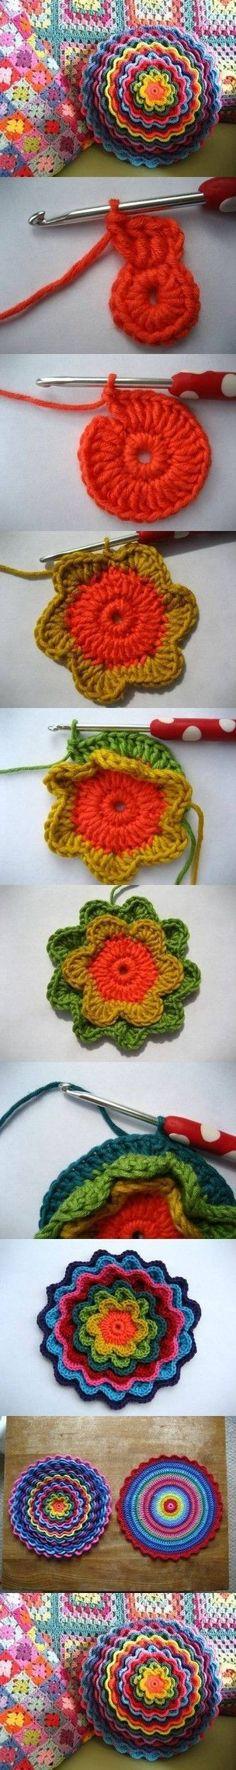 DIY Crochet Flower Pattern DIY Projects